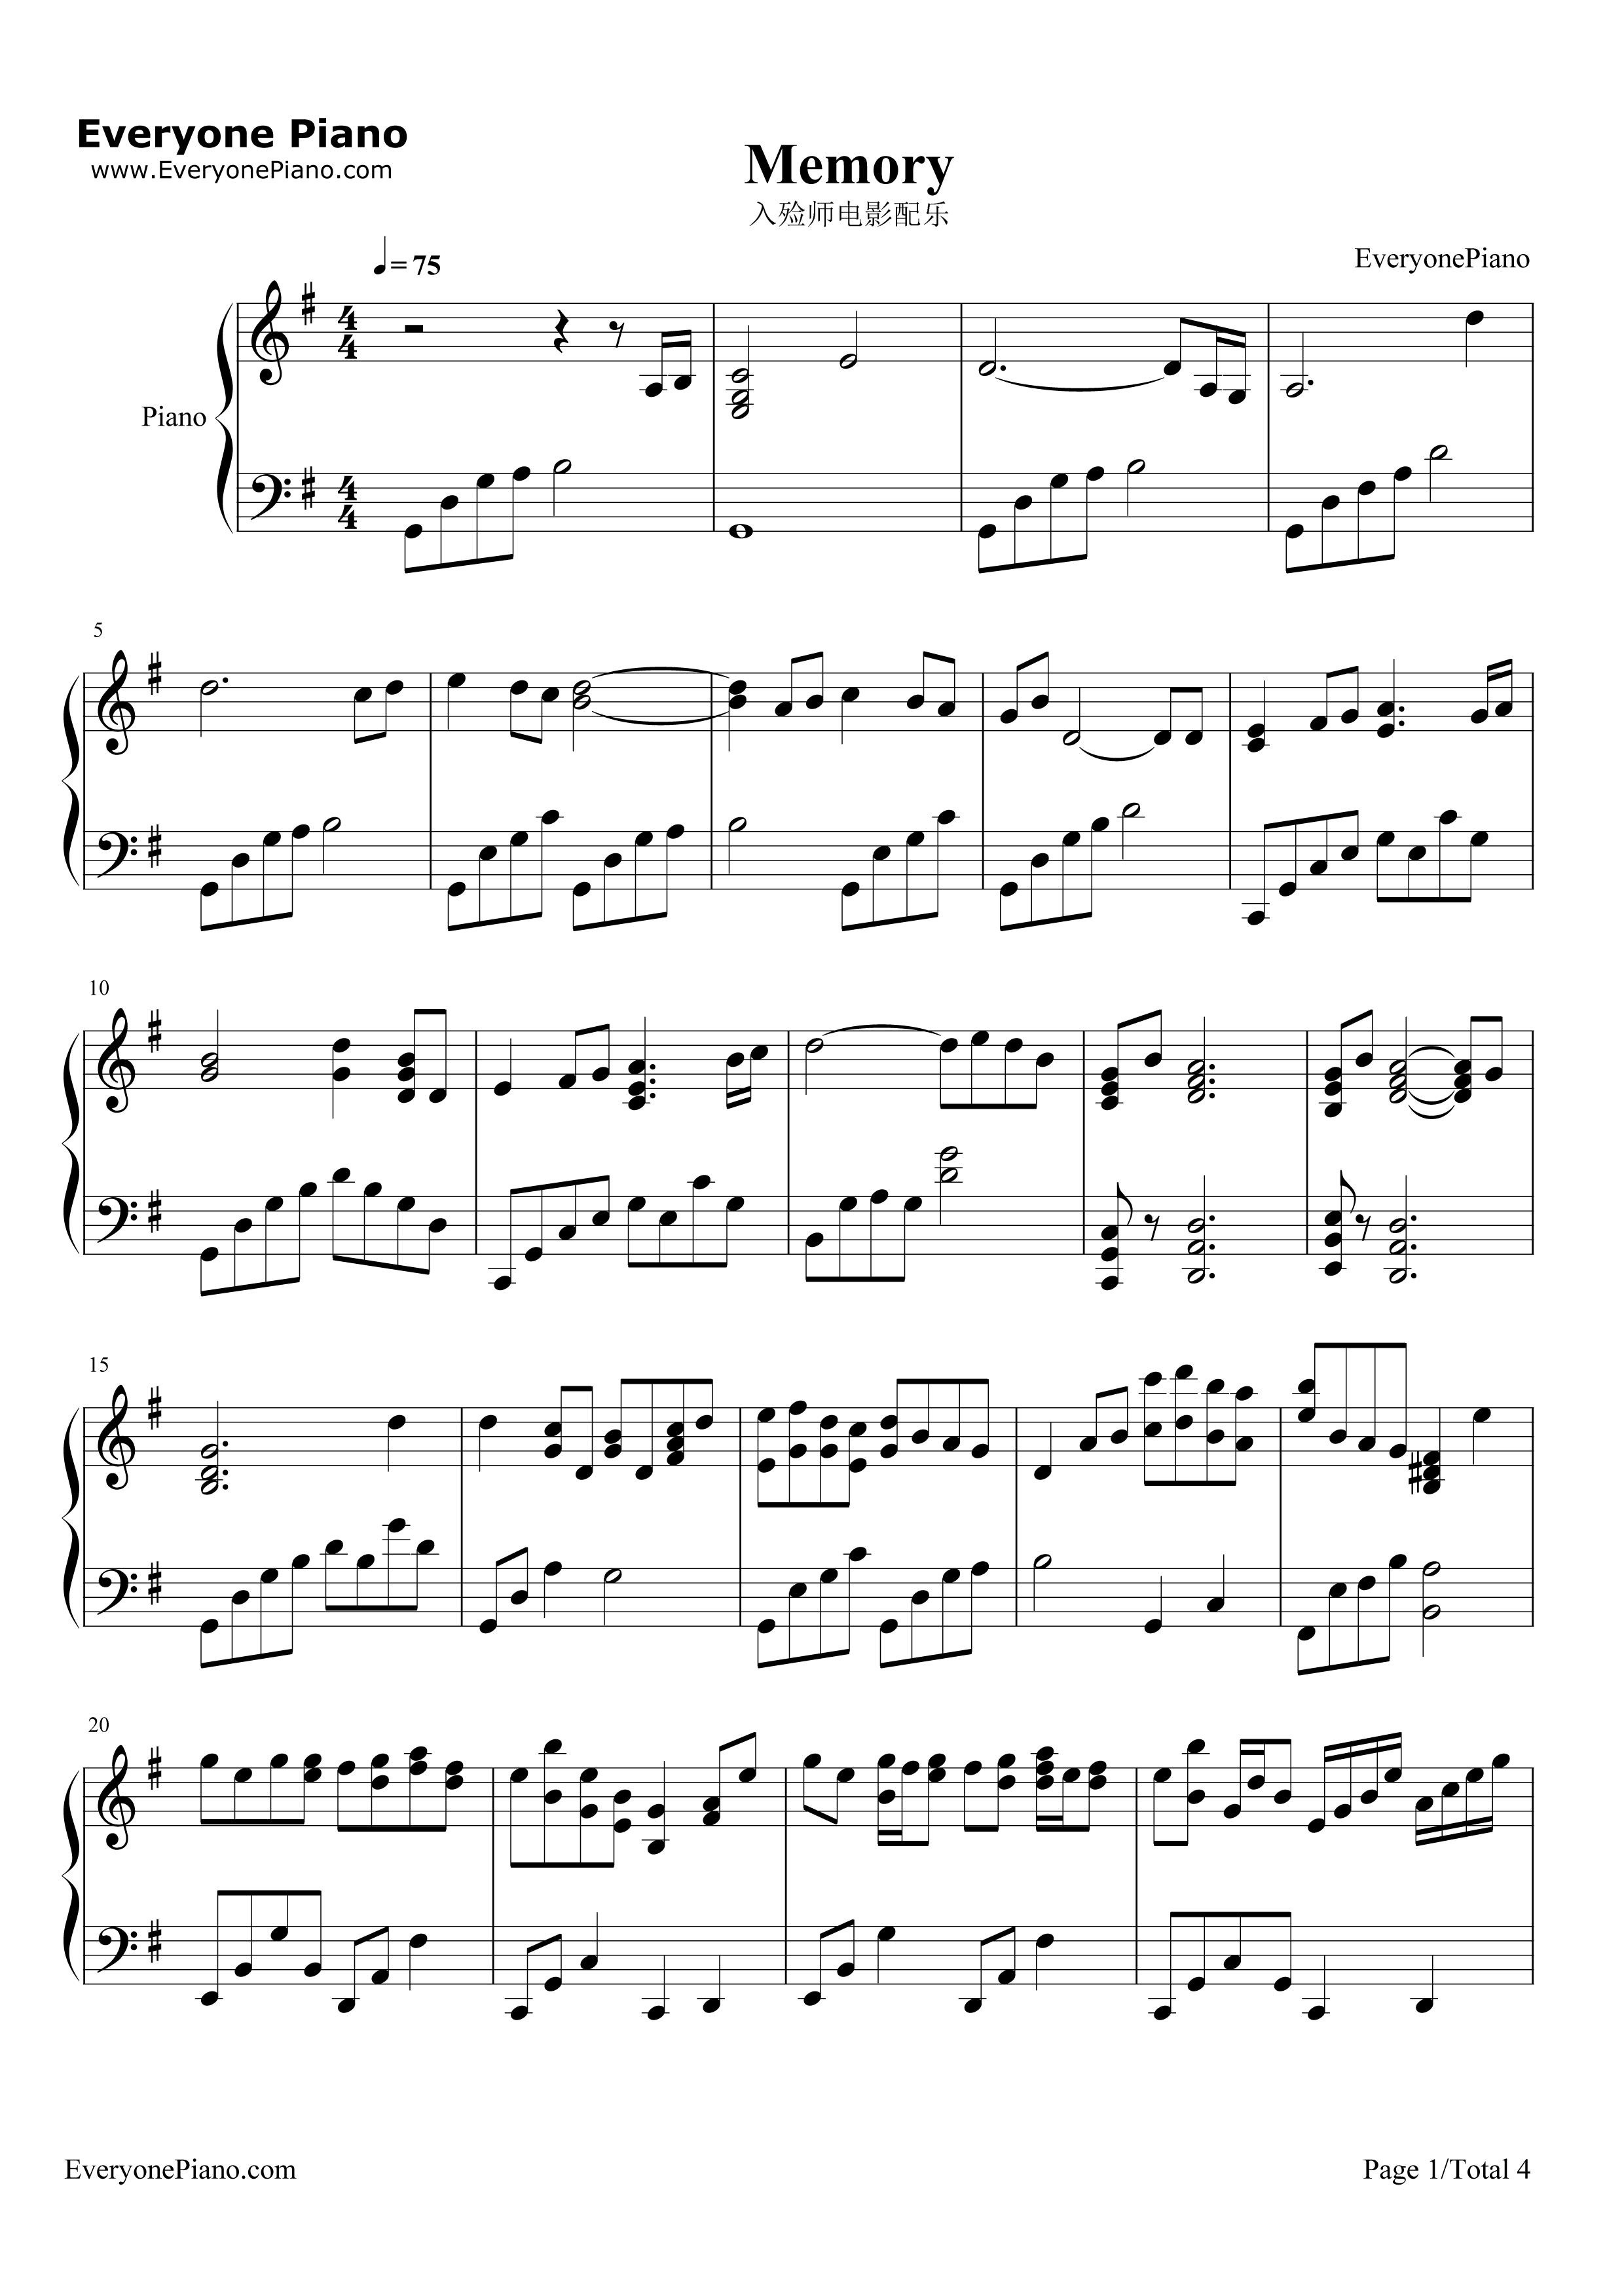 钢琴曲谱 轻音乐 memory-记忆 memory-记忆五线谱预览1  }  仅供学习